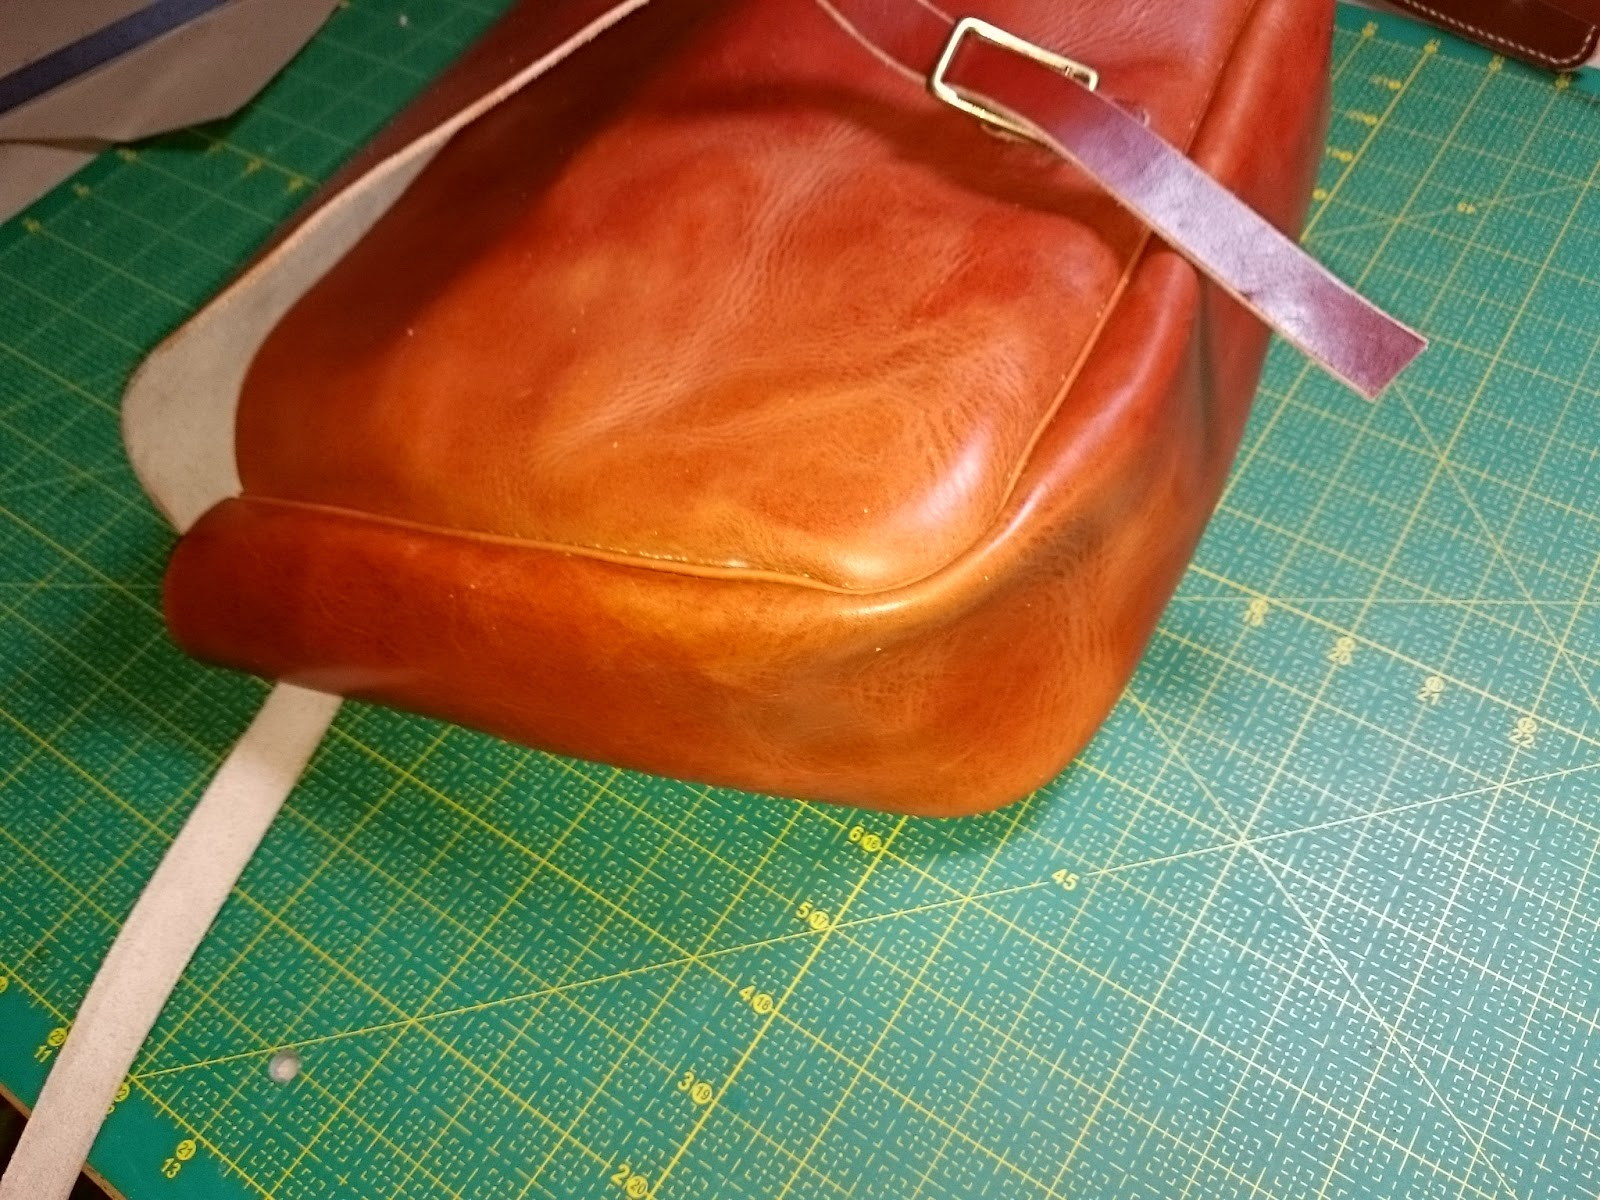 Кожаная сумка своими руками (164 фото выкройка, как сшить из кожи)